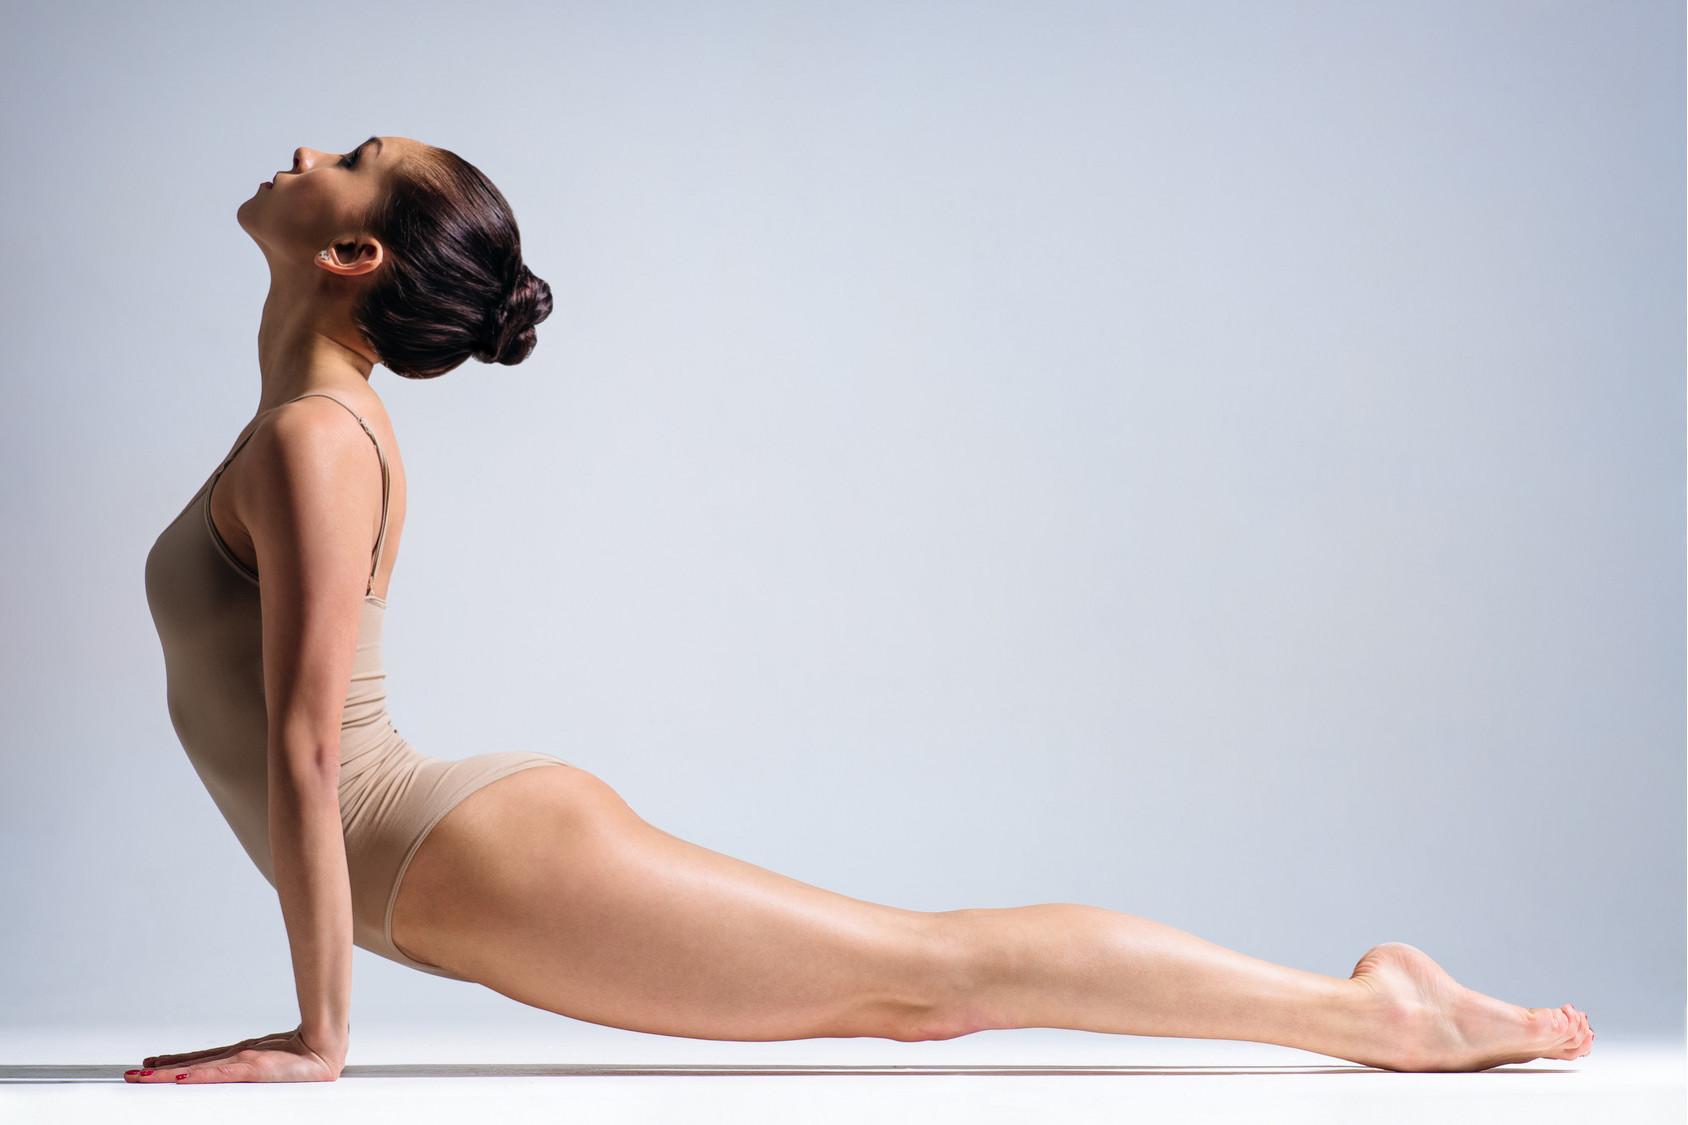 Sous-vêtements Femme - articles de danse classique pour Femmes